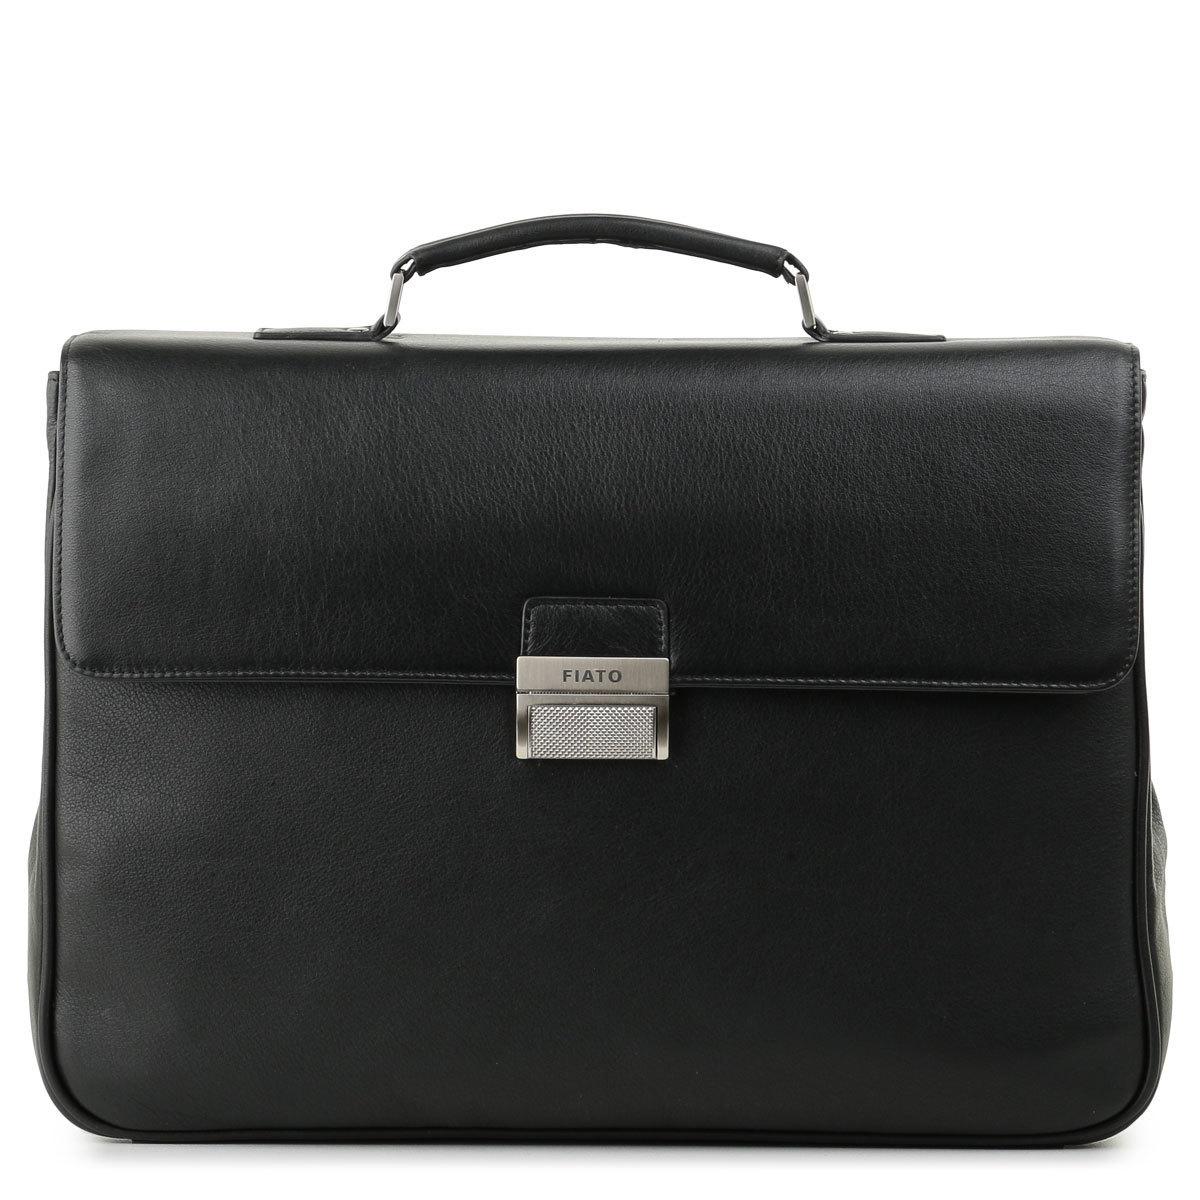 м13649 Fiato  кожа черный  (портфель мужской)